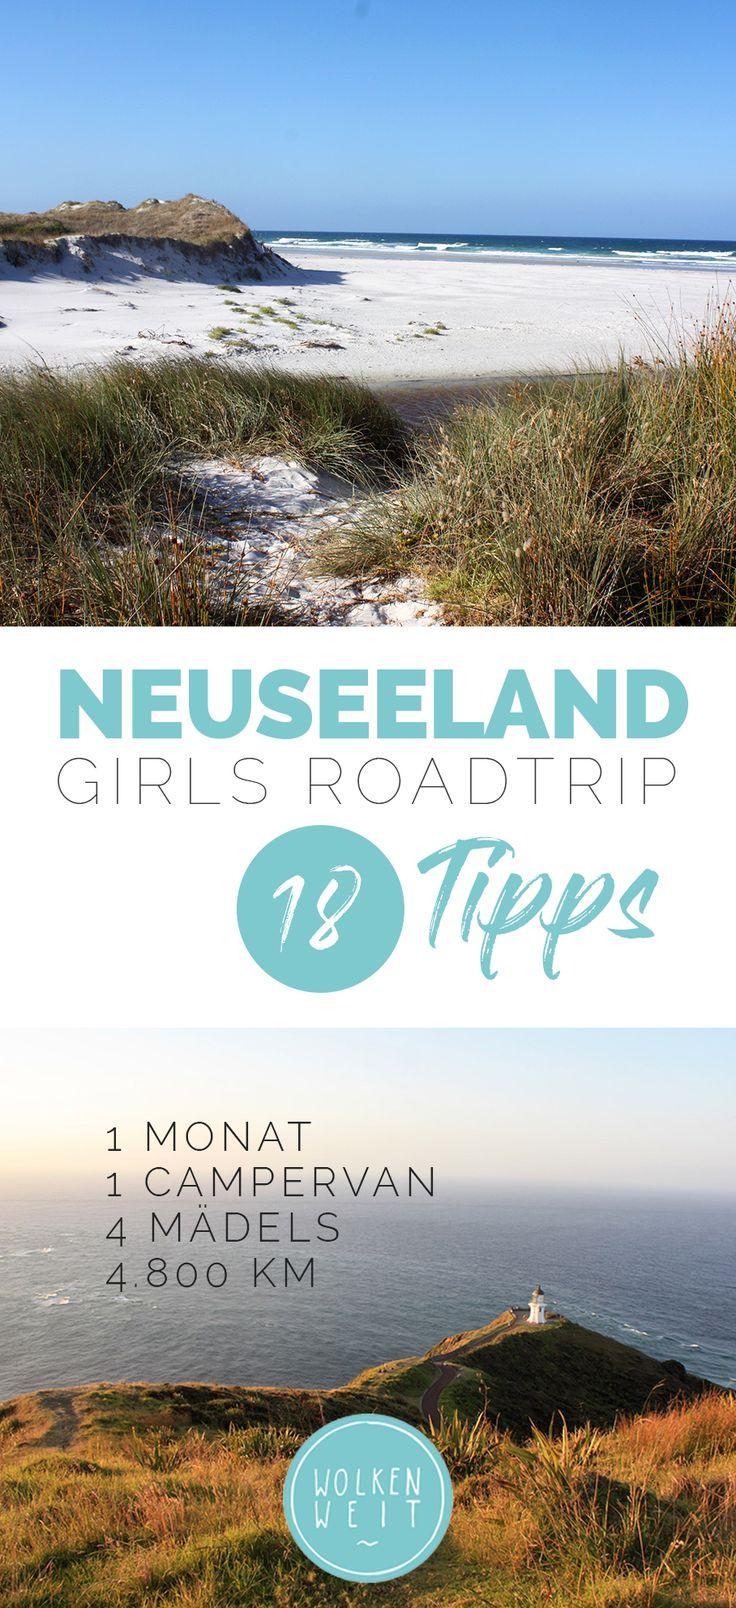 Neuseeland Roadtrip – 18 Reisetipps für das andere Ende der Welt // 4.500 km, 1 Campervan, 4 Mädels, 4.800 km